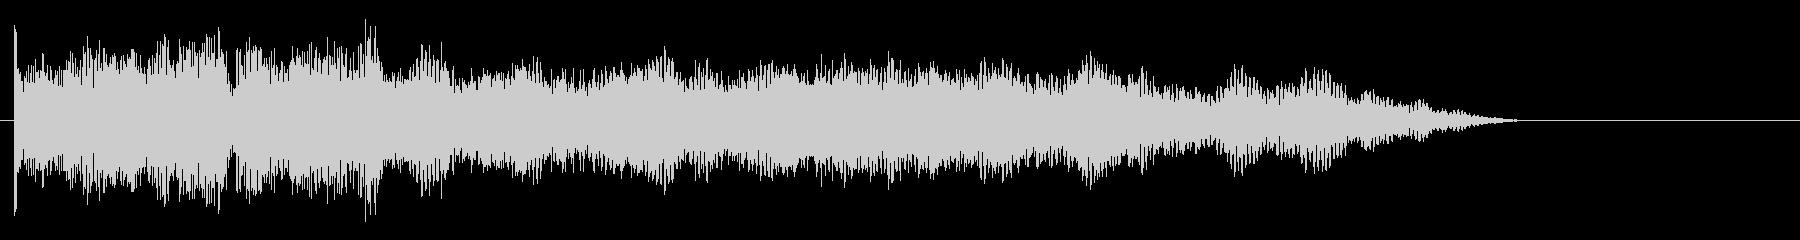 ファンタジックな電波ノイズの未再生の波形